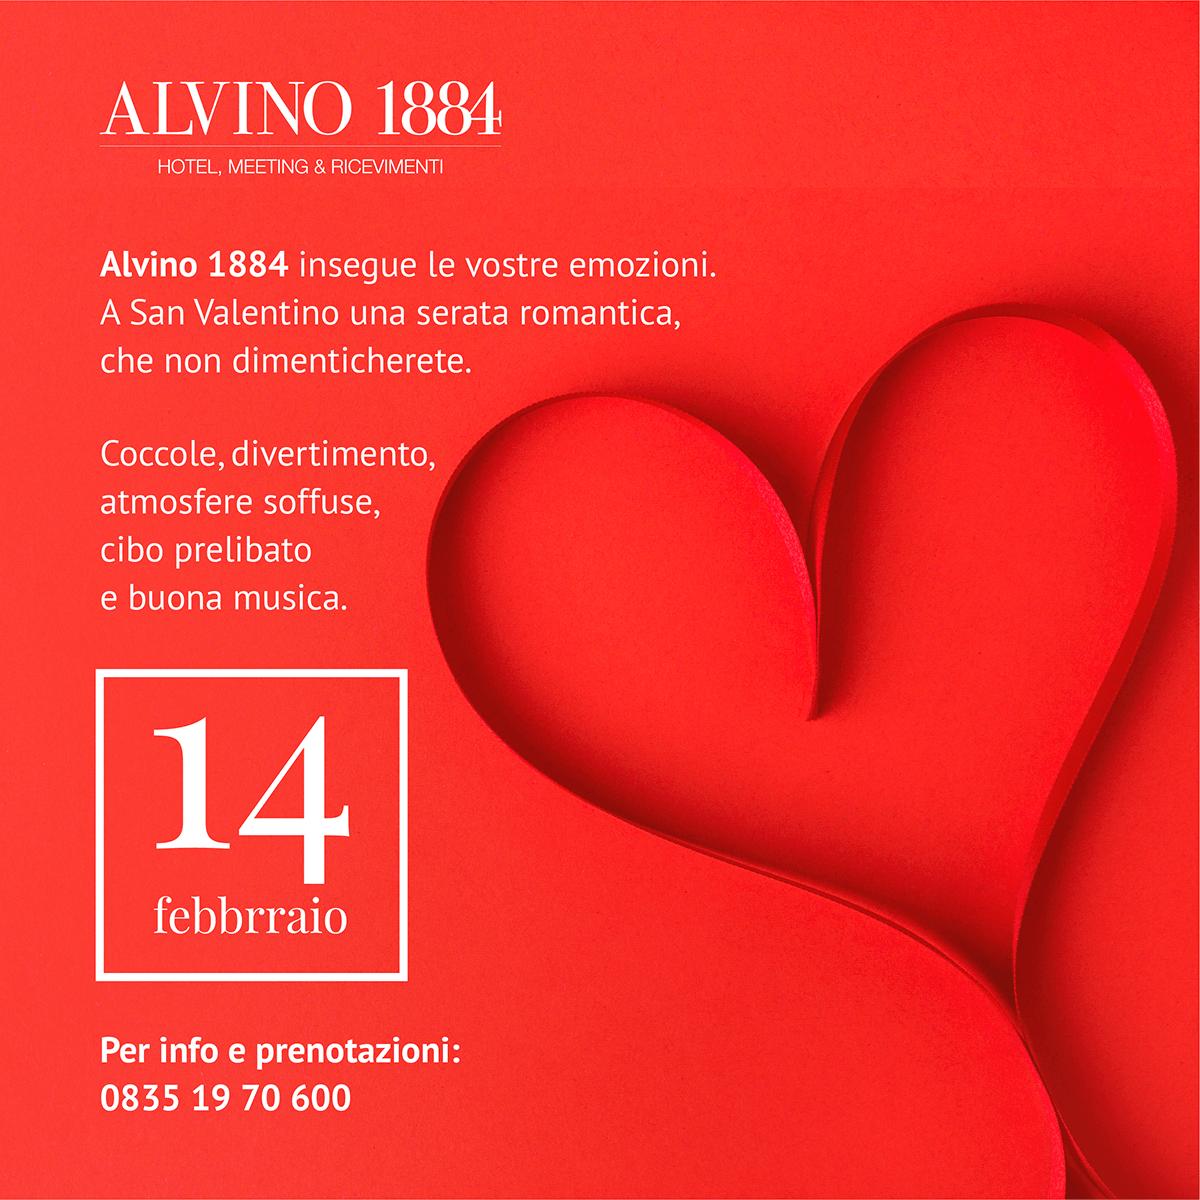 Alvino 1884 - Evento, San Valentino